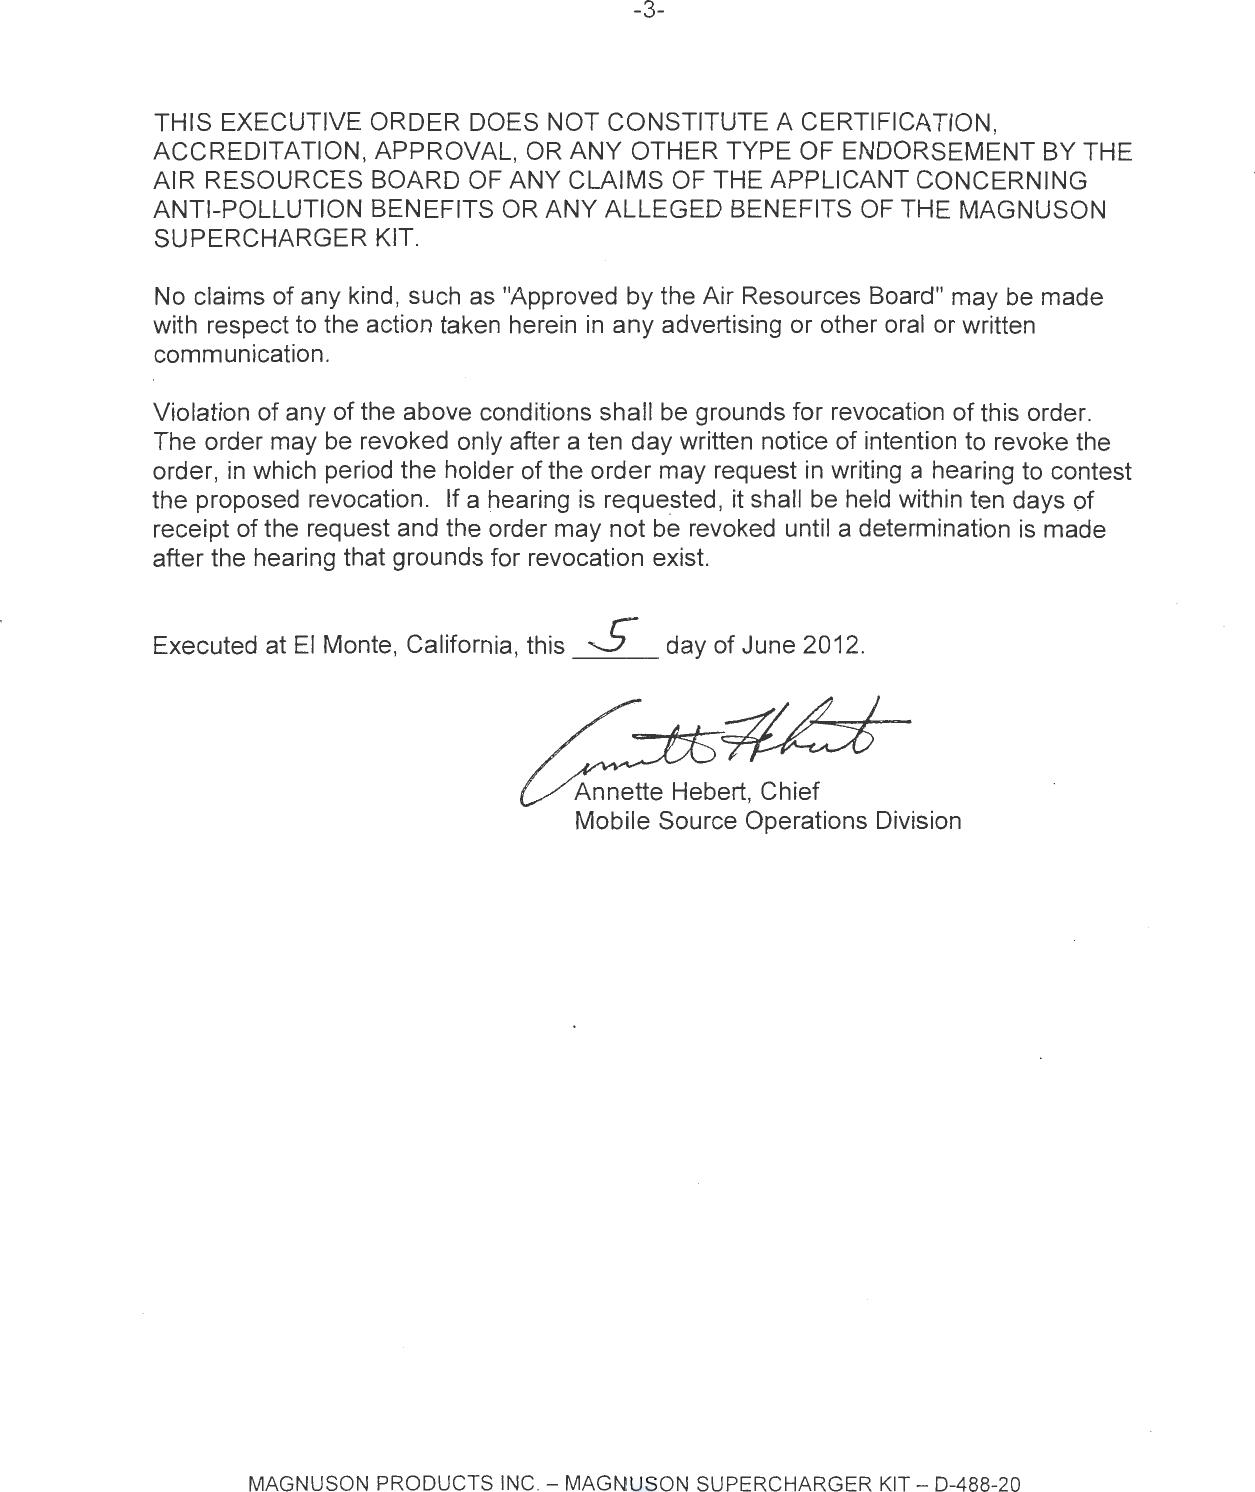 Executive Order D-488-20 Magnuson Products, Inc.